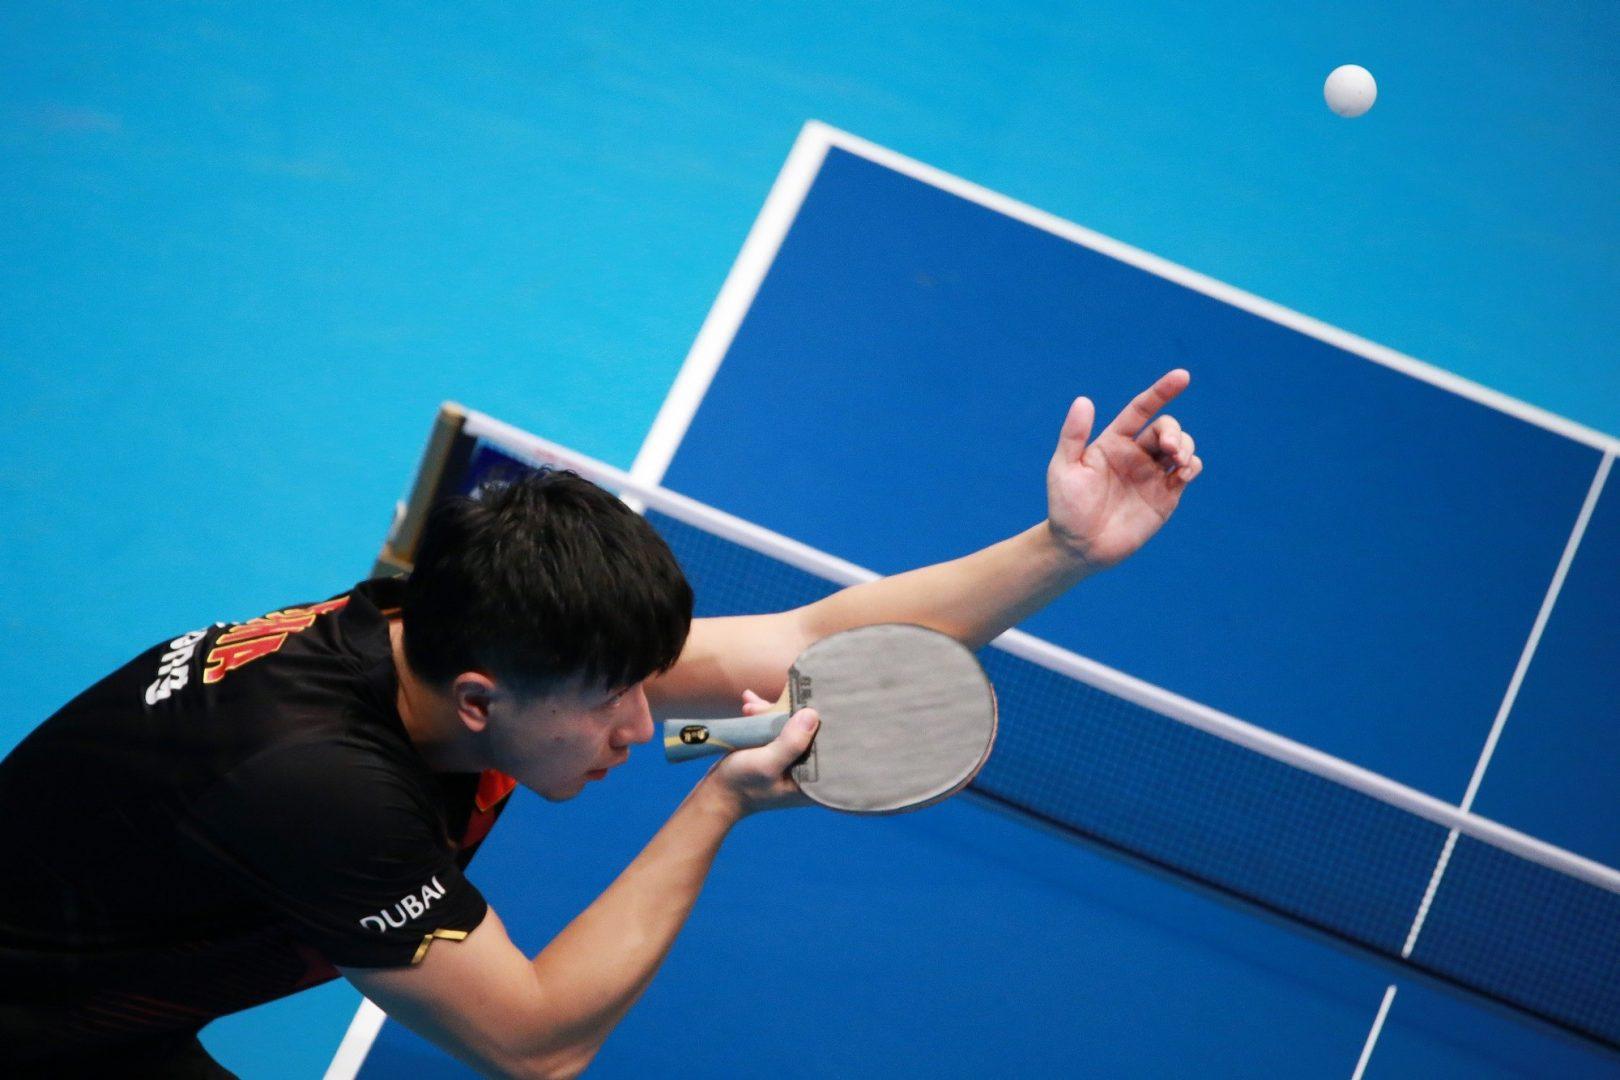 「卓球が上手い」と「卓球が強い」はどう違う?|頭で勝つ!卓球戦術